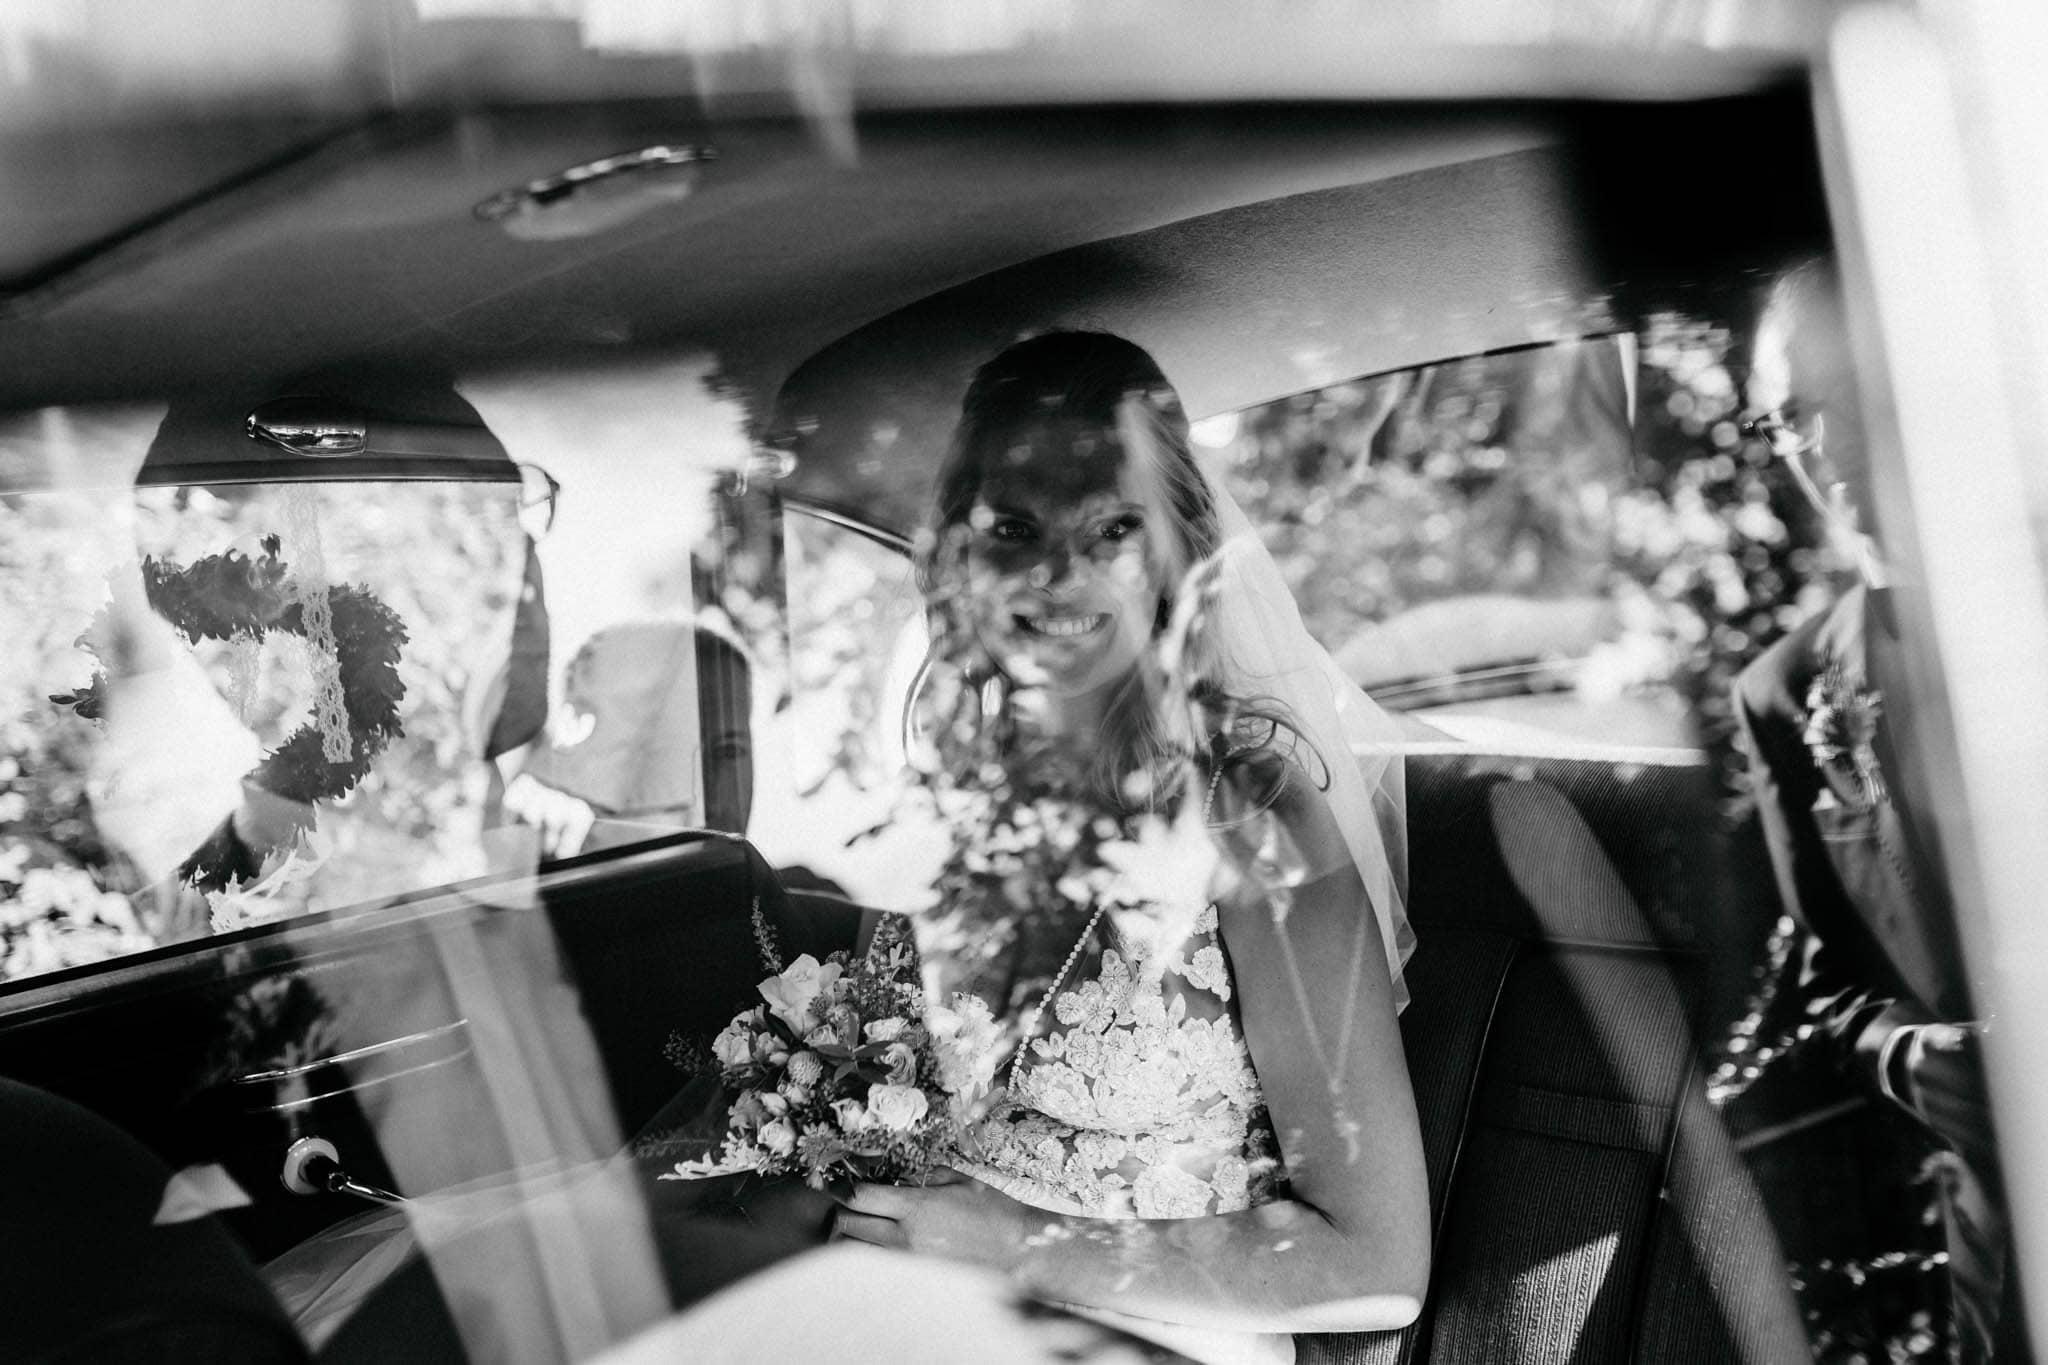 Hochzeitsfieber by Photo-Schomburg, Hochzeitsfotograf, Hamburg, Bremen, Hochzeitstag, Hochzeitspaar, Braut, Bräutigam, Bremen-Kränholm,Knoops Park-122